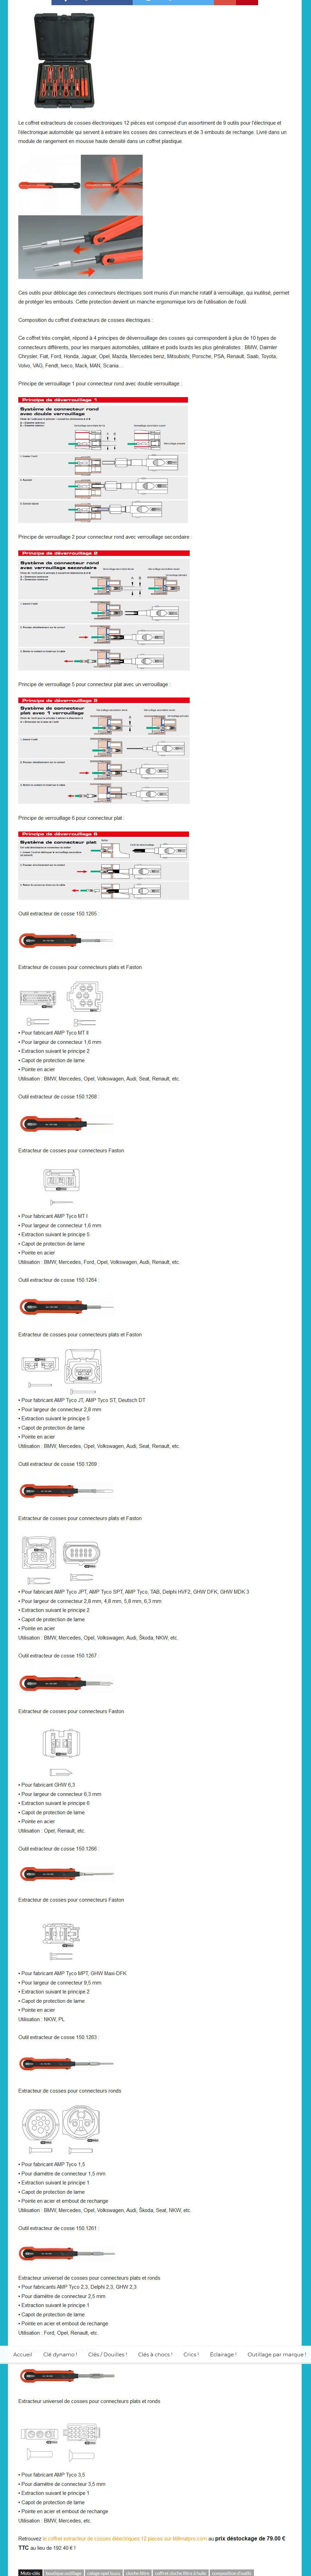 outillage spécialisé - Page 2 Screen16